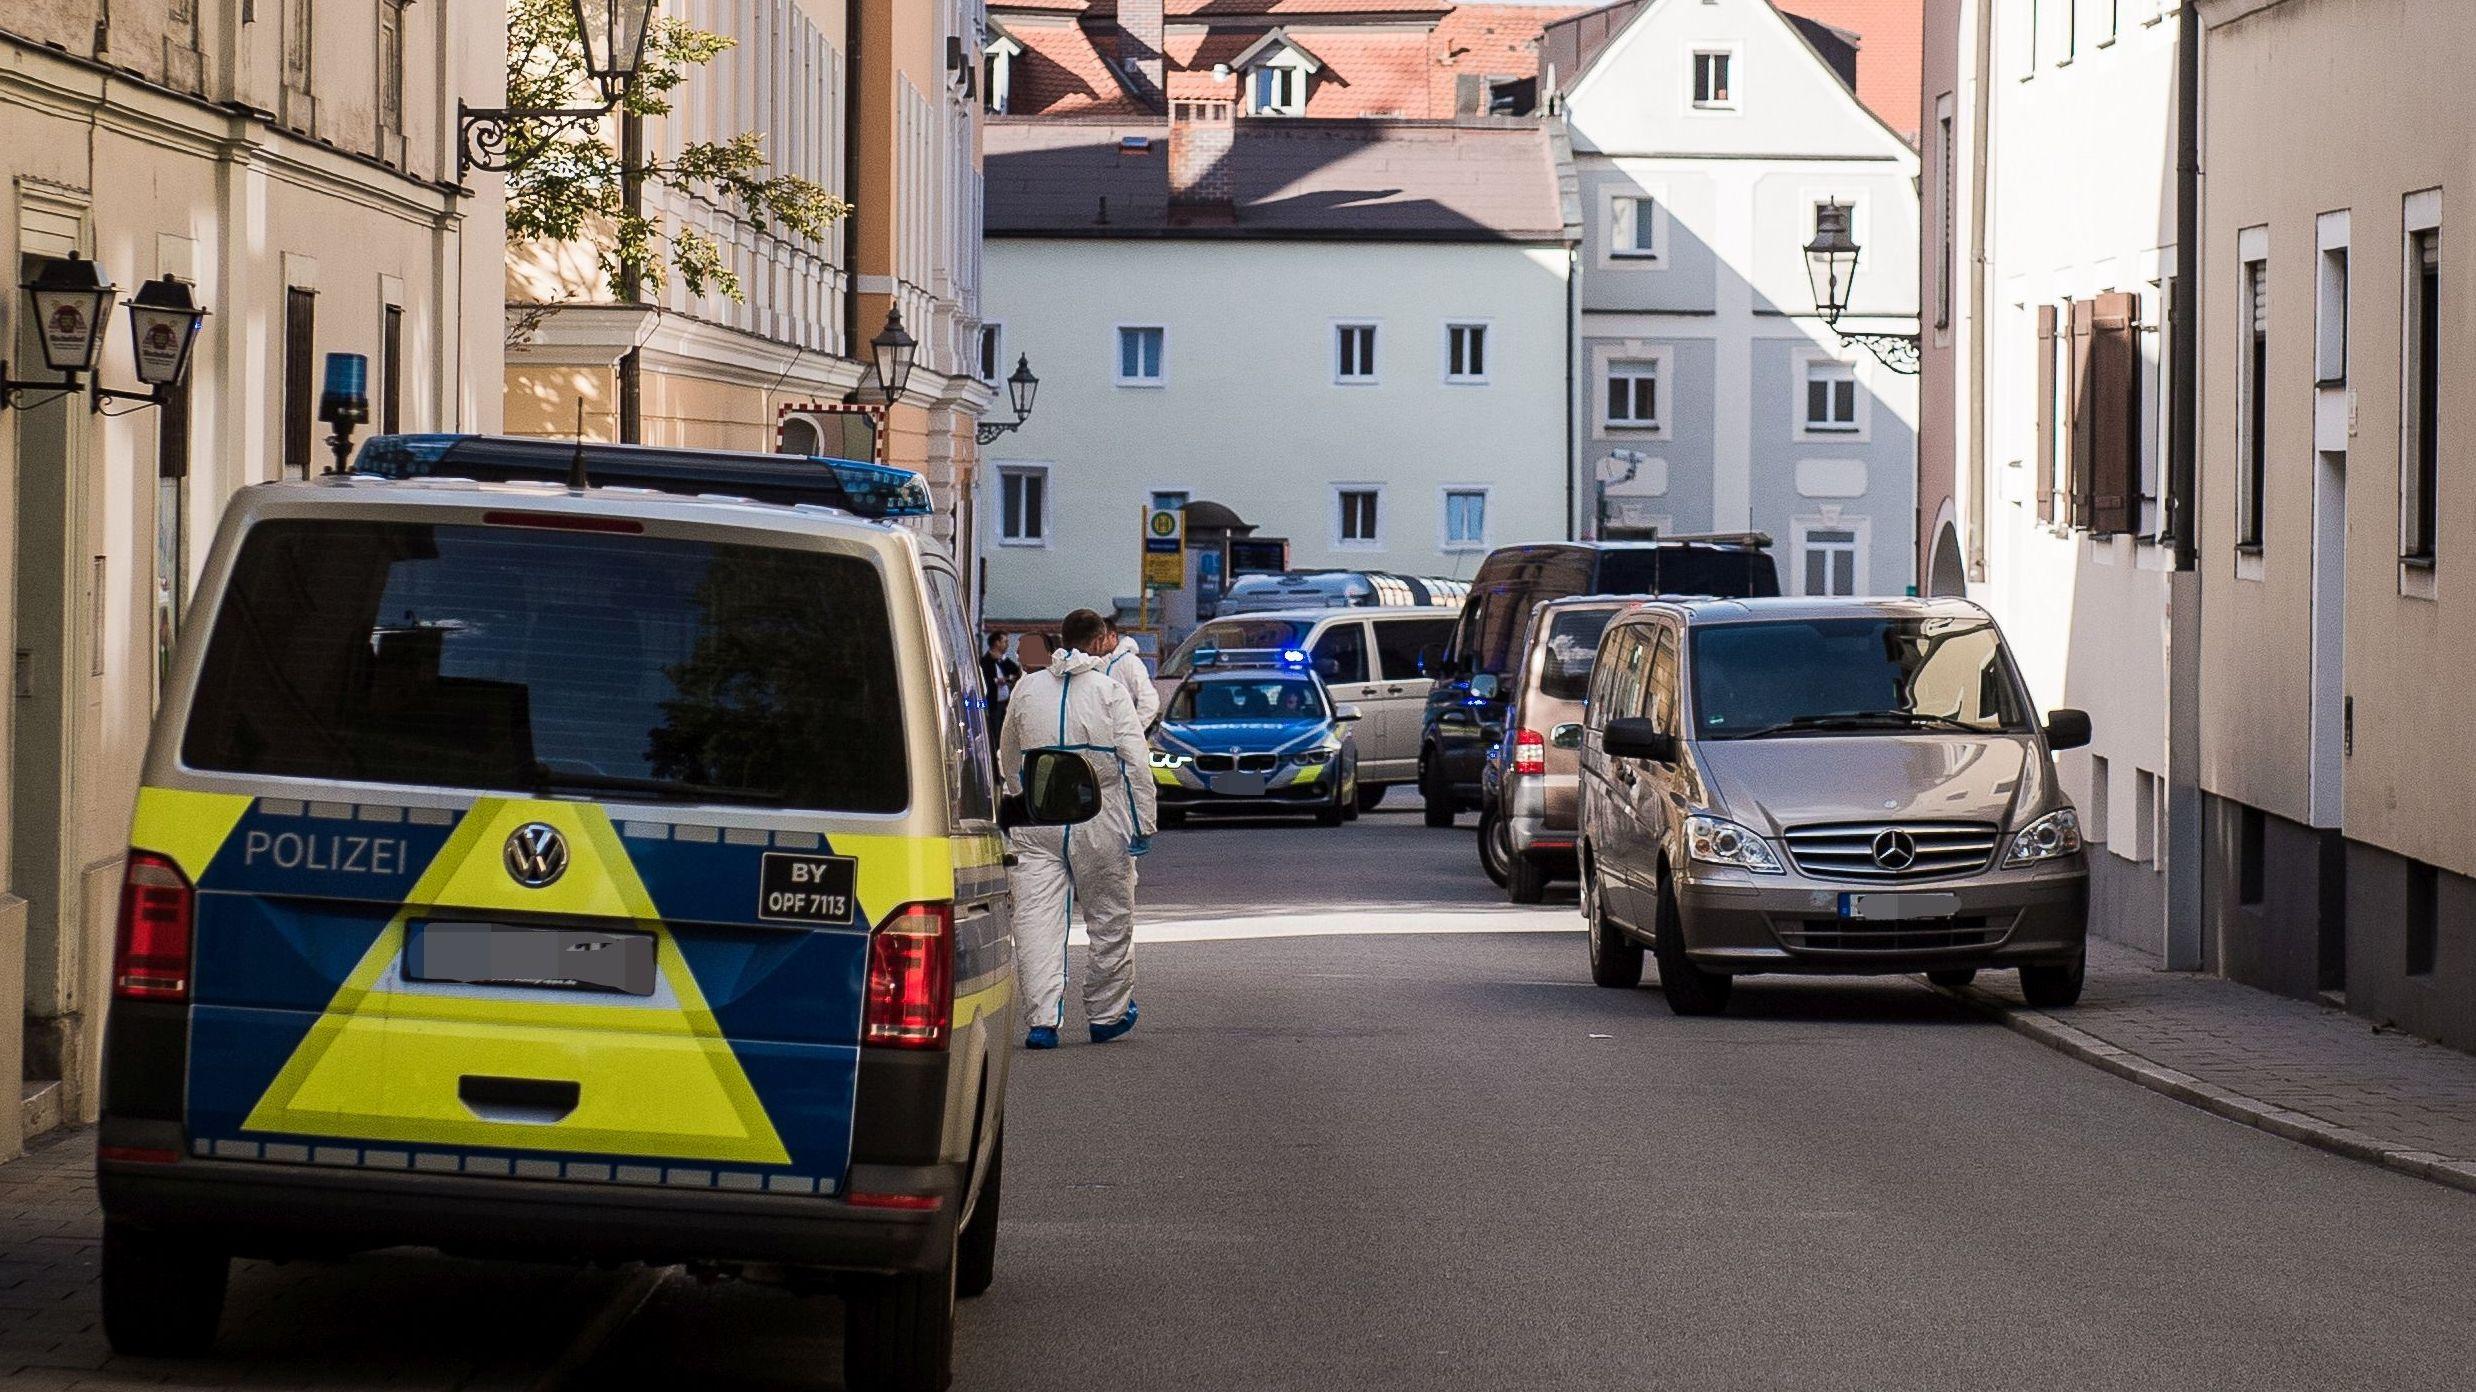 Einsatzkräfte in der Regensburger Altstadt